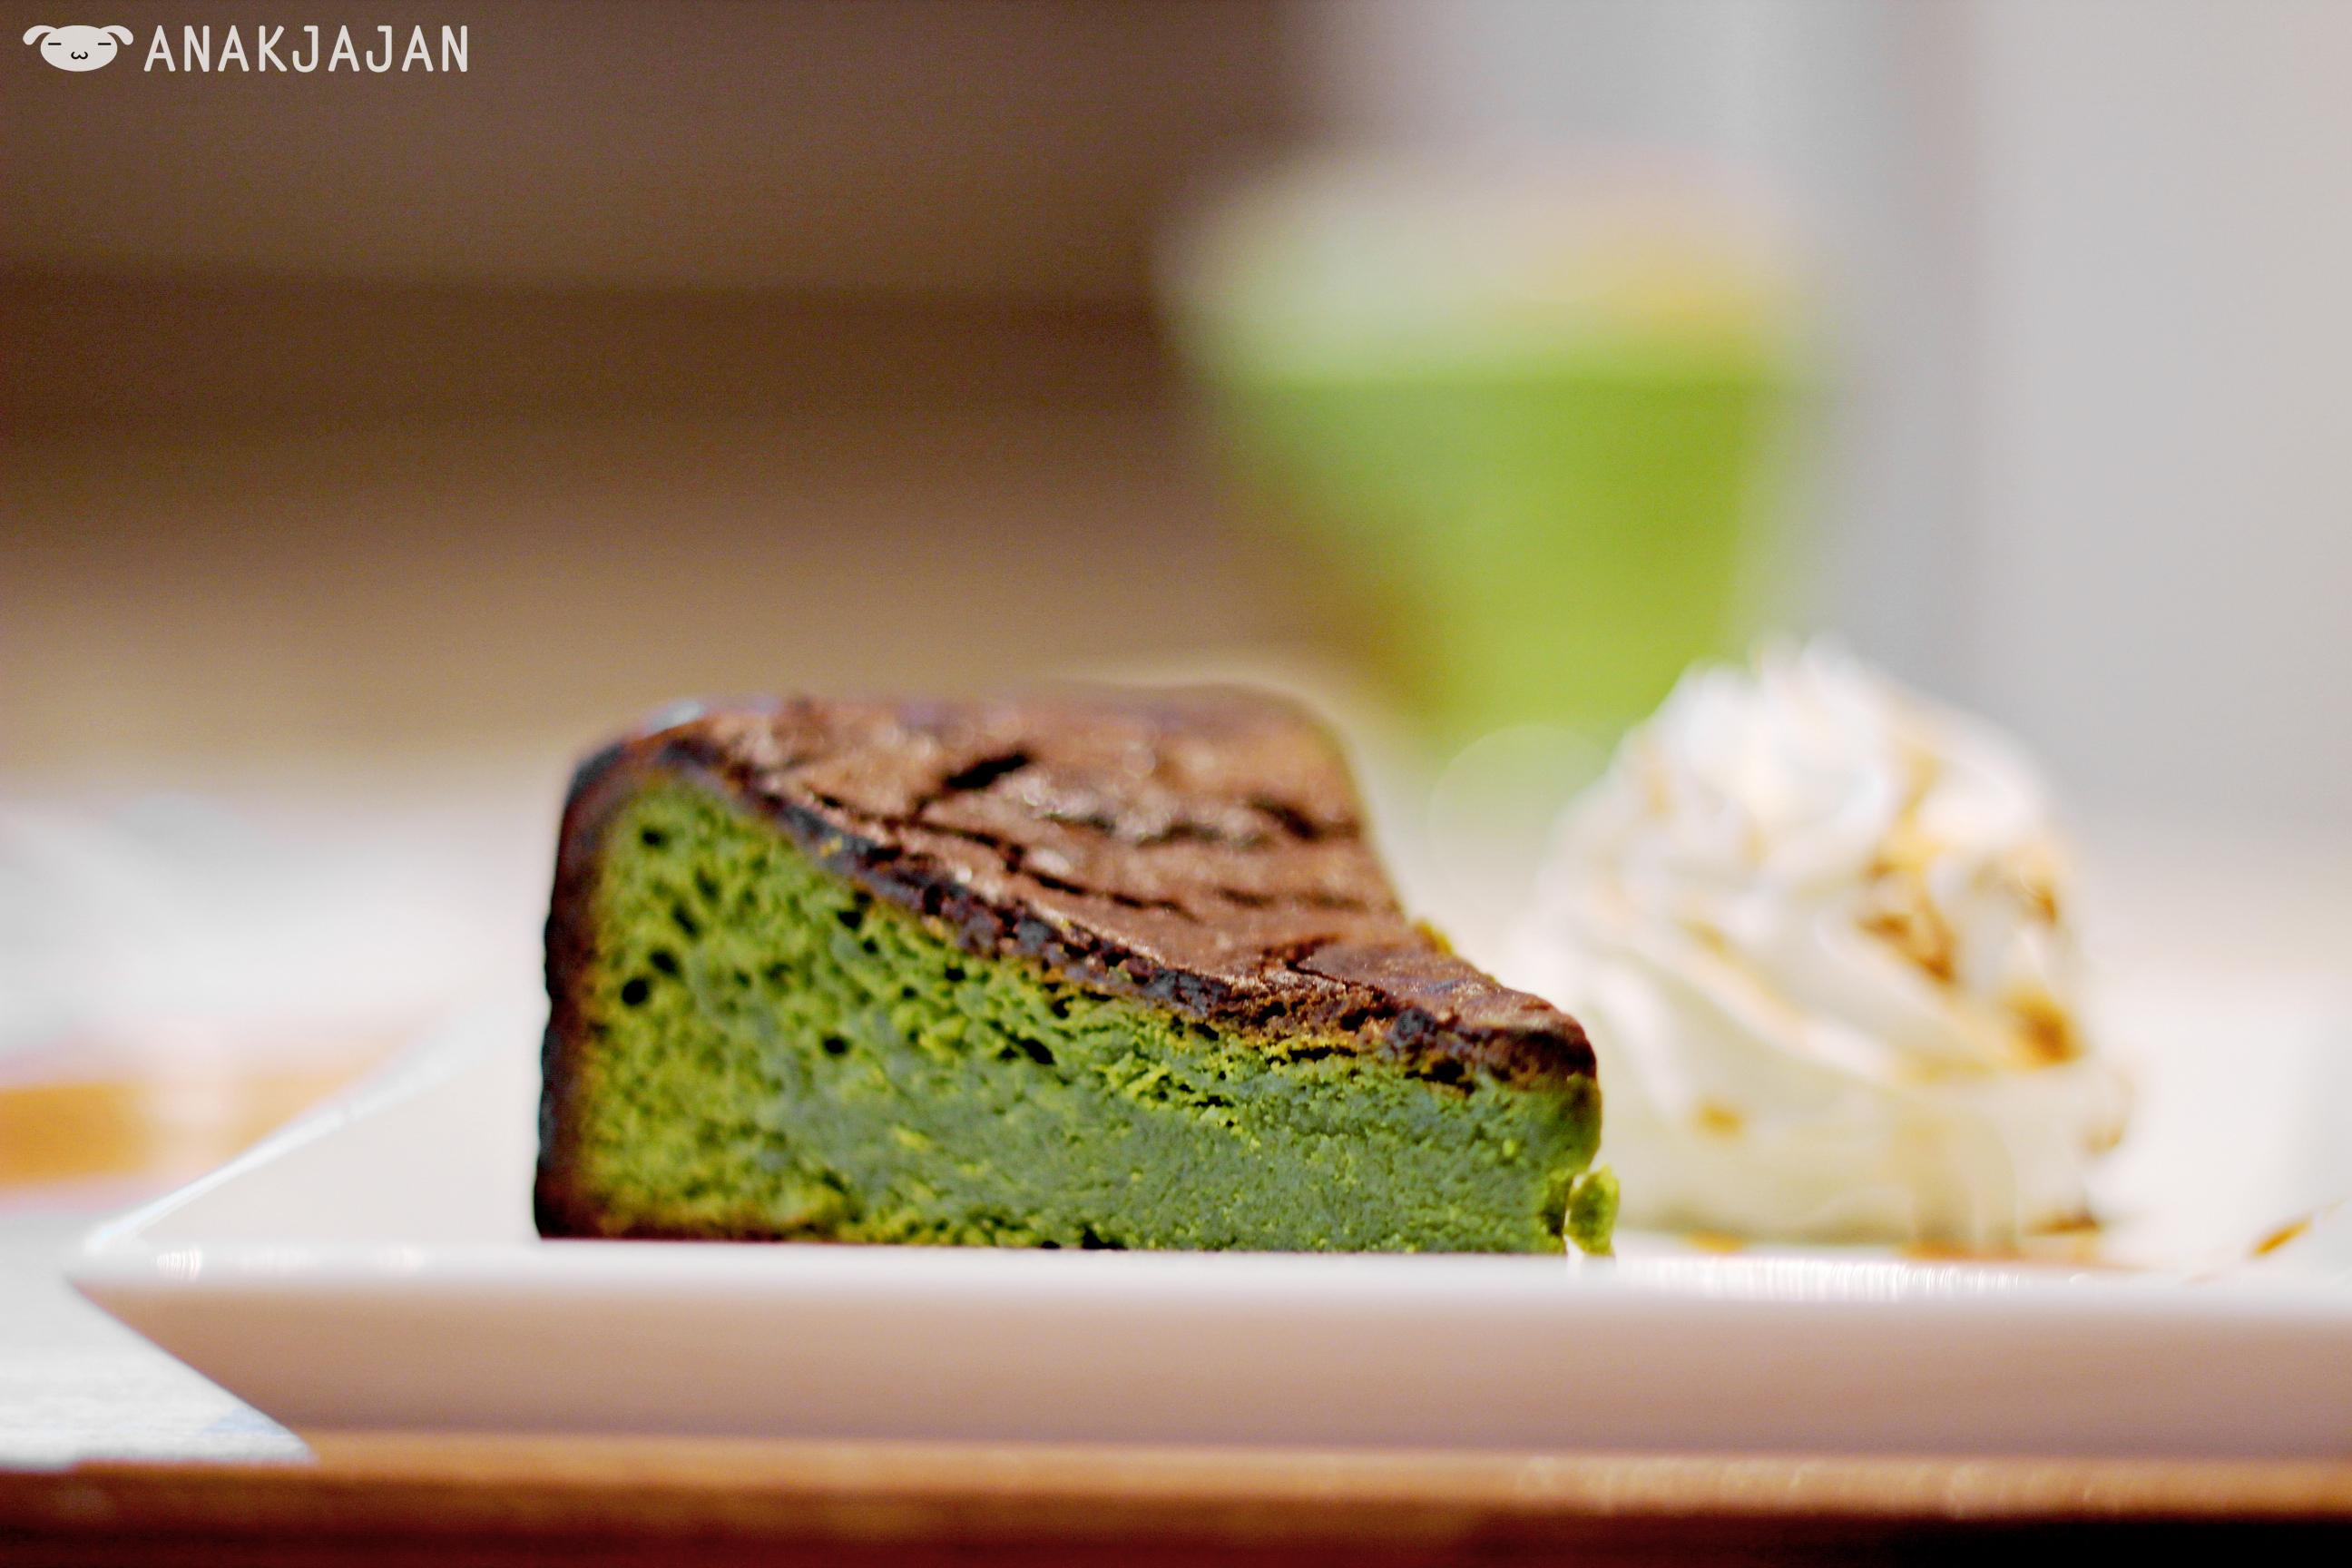 JAPAN Nanas Green Tea Cafe ANAKJAJANCOM